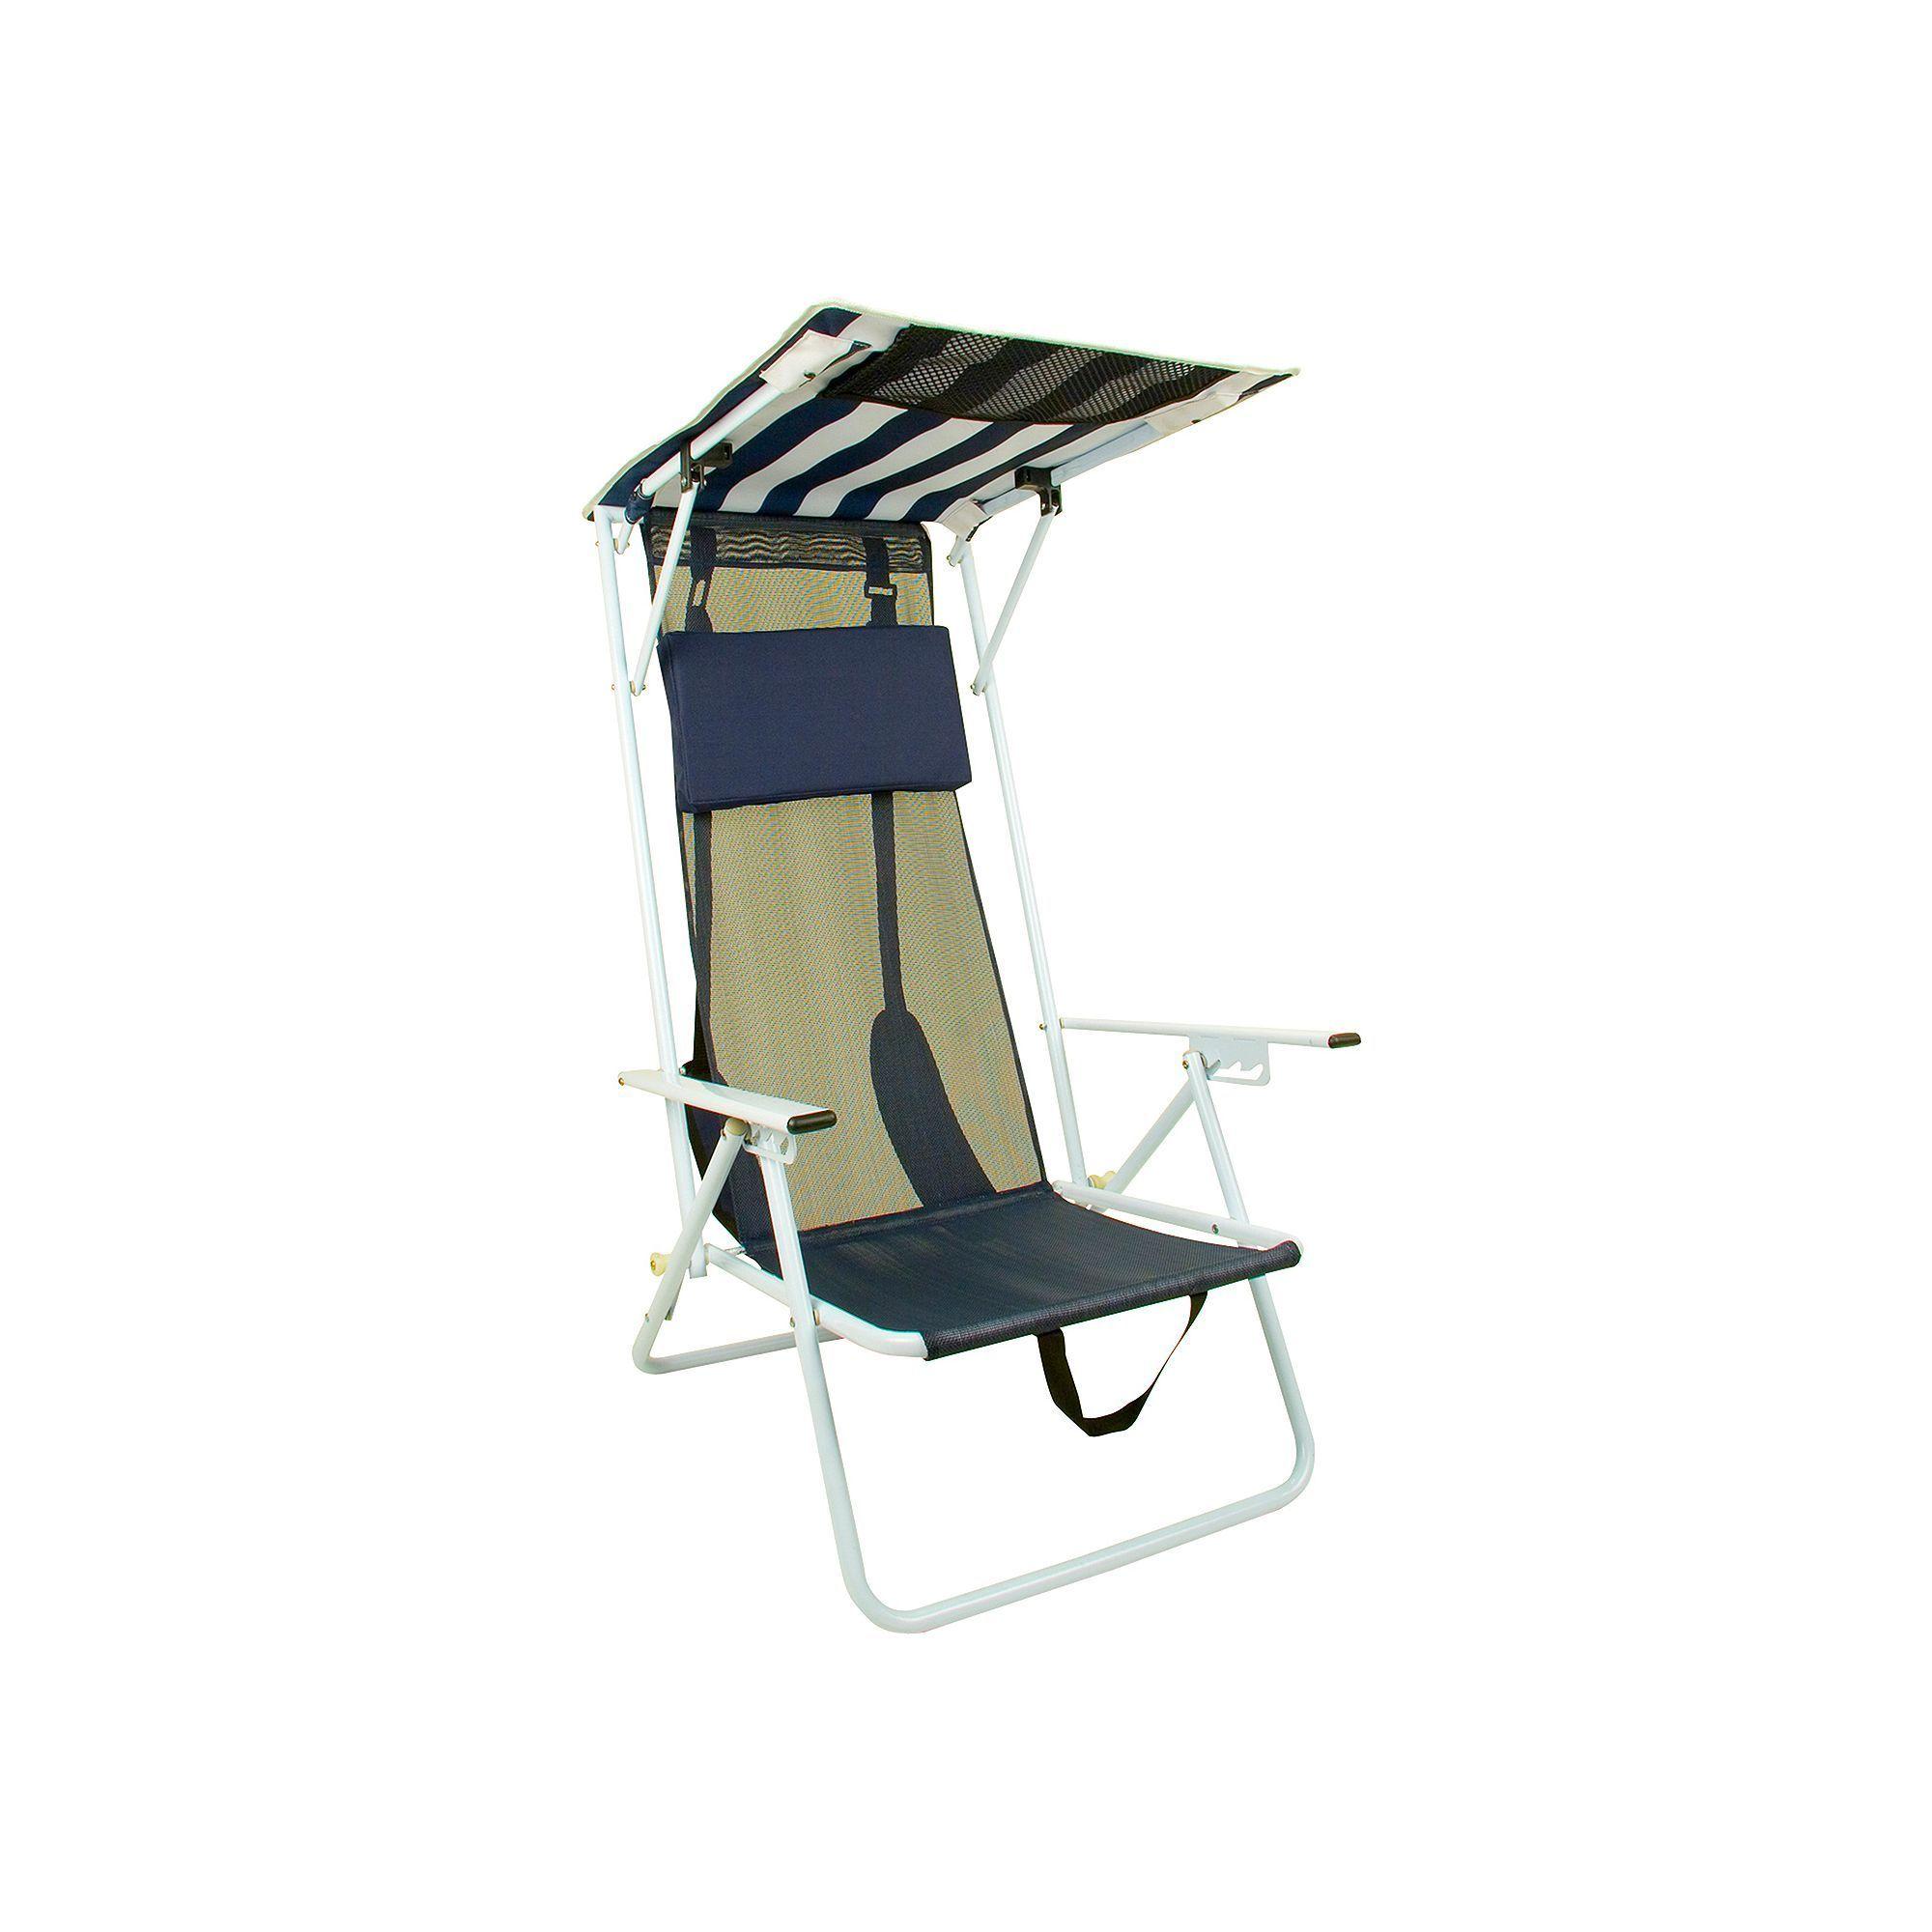 Quik Shade Folding Beach Chair Folding beach chair